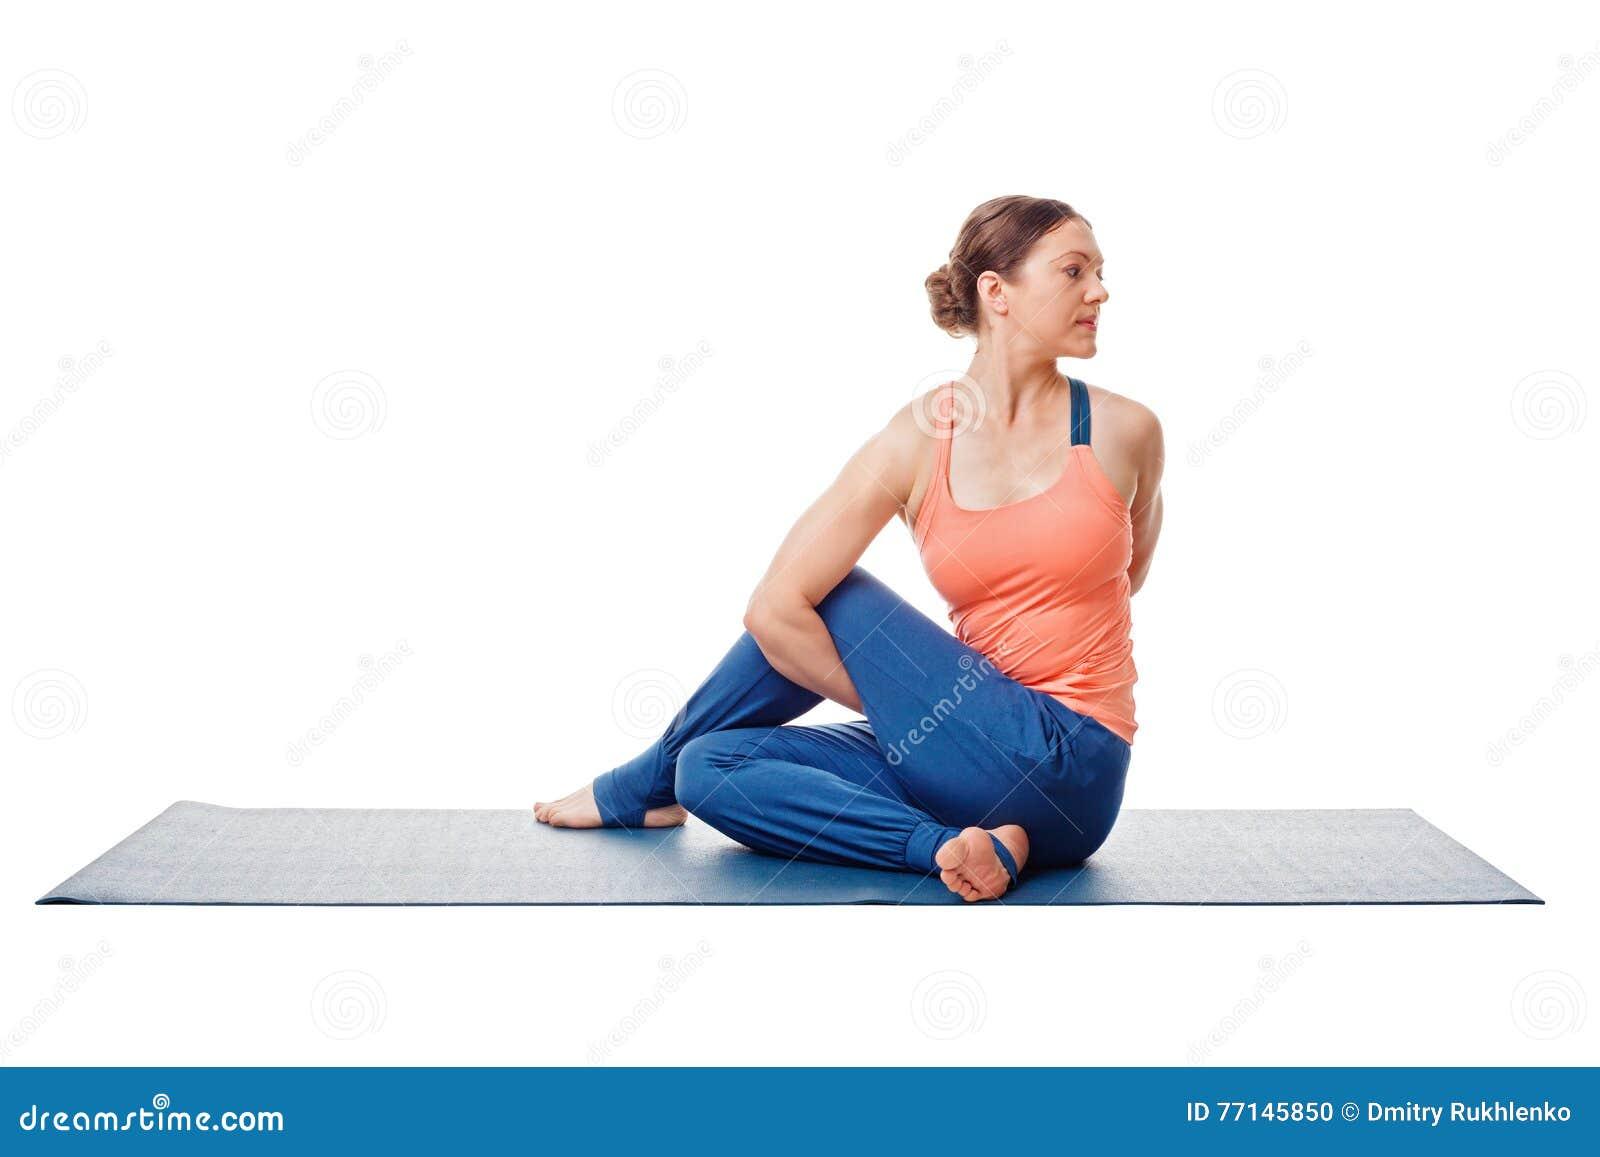 Ashtanga Yoga Marichyasana